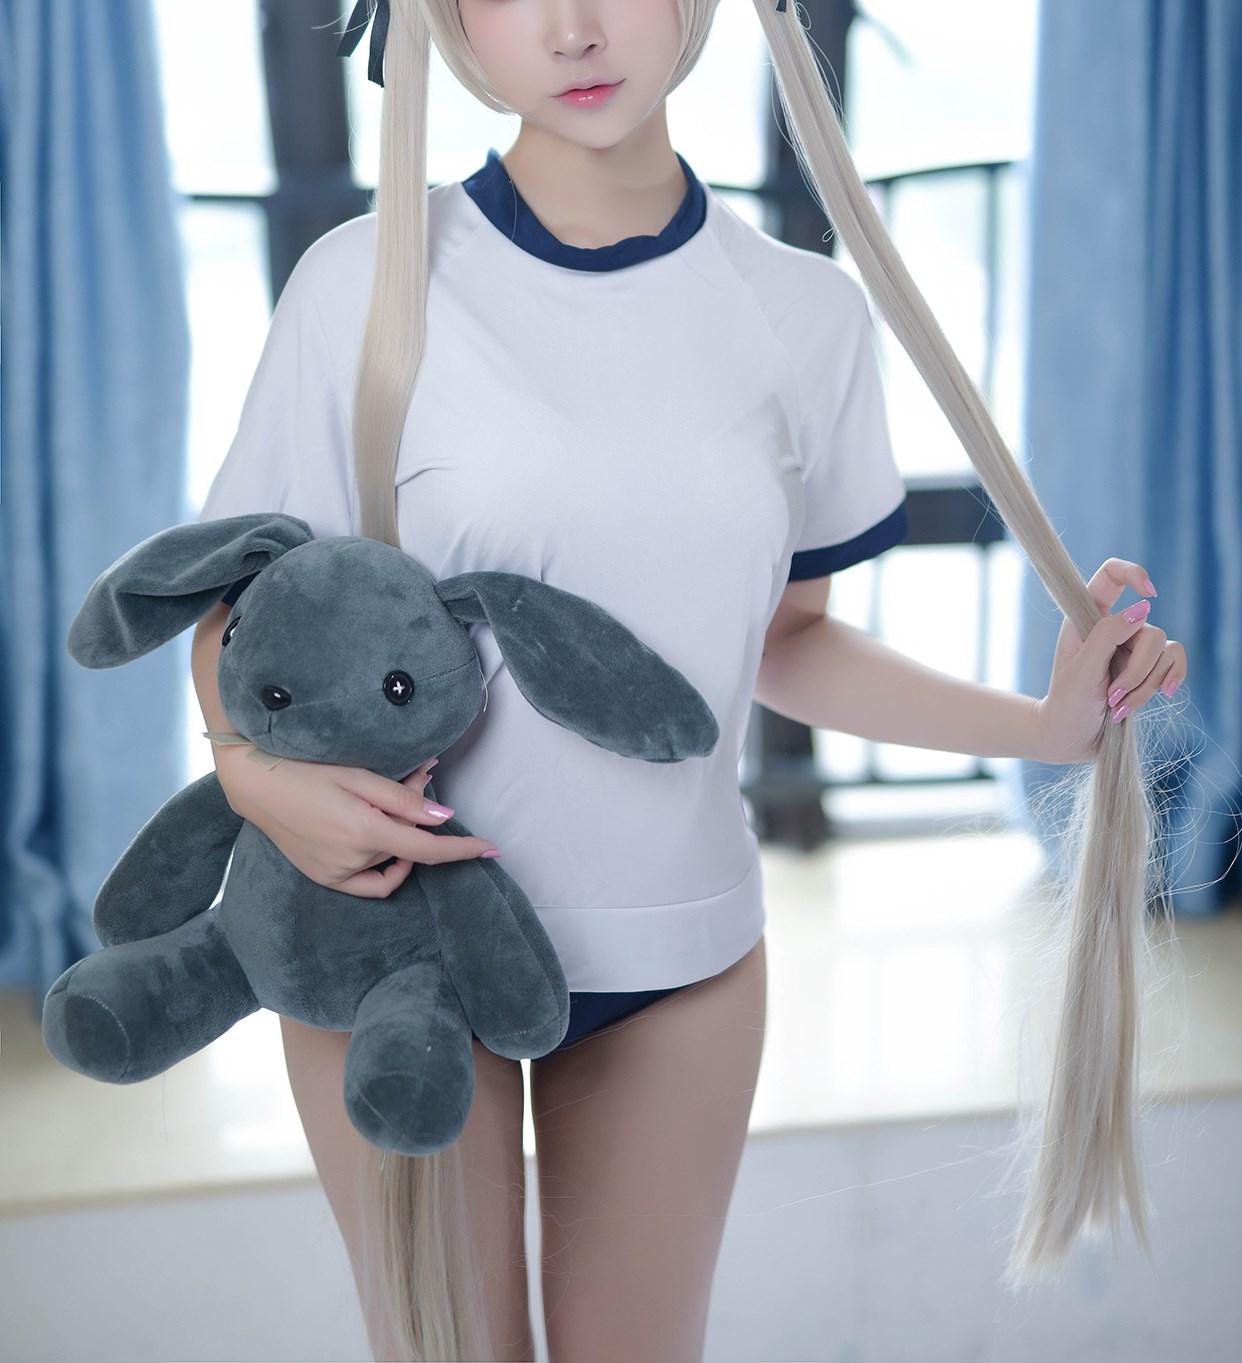 【兔玩映画】体操服穹妹与初音未来 兔玩映画 第27张